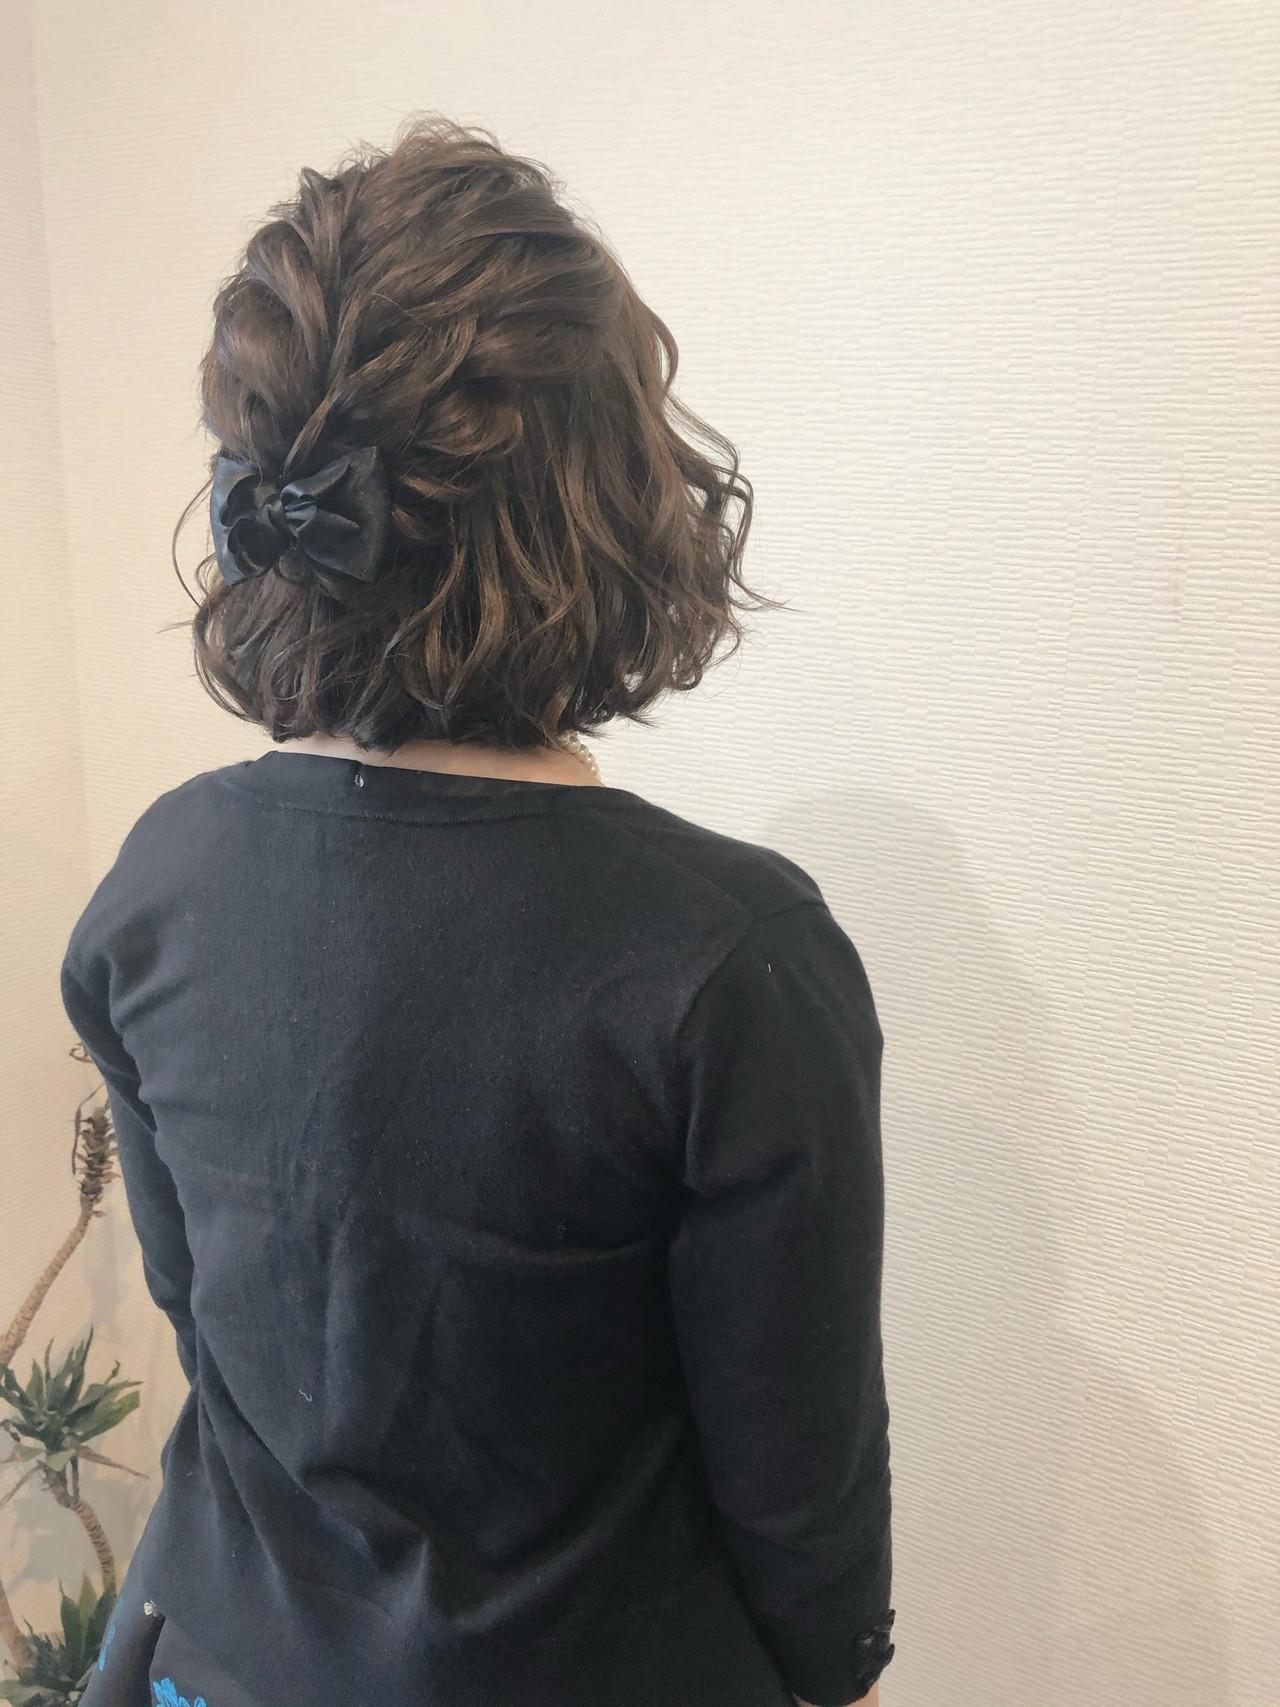 ボブ ボブアレンジ フェミニン ハーフアップ ヘアスタイルや髪型の写真・画像 | mai / HAIR SALON STELLA